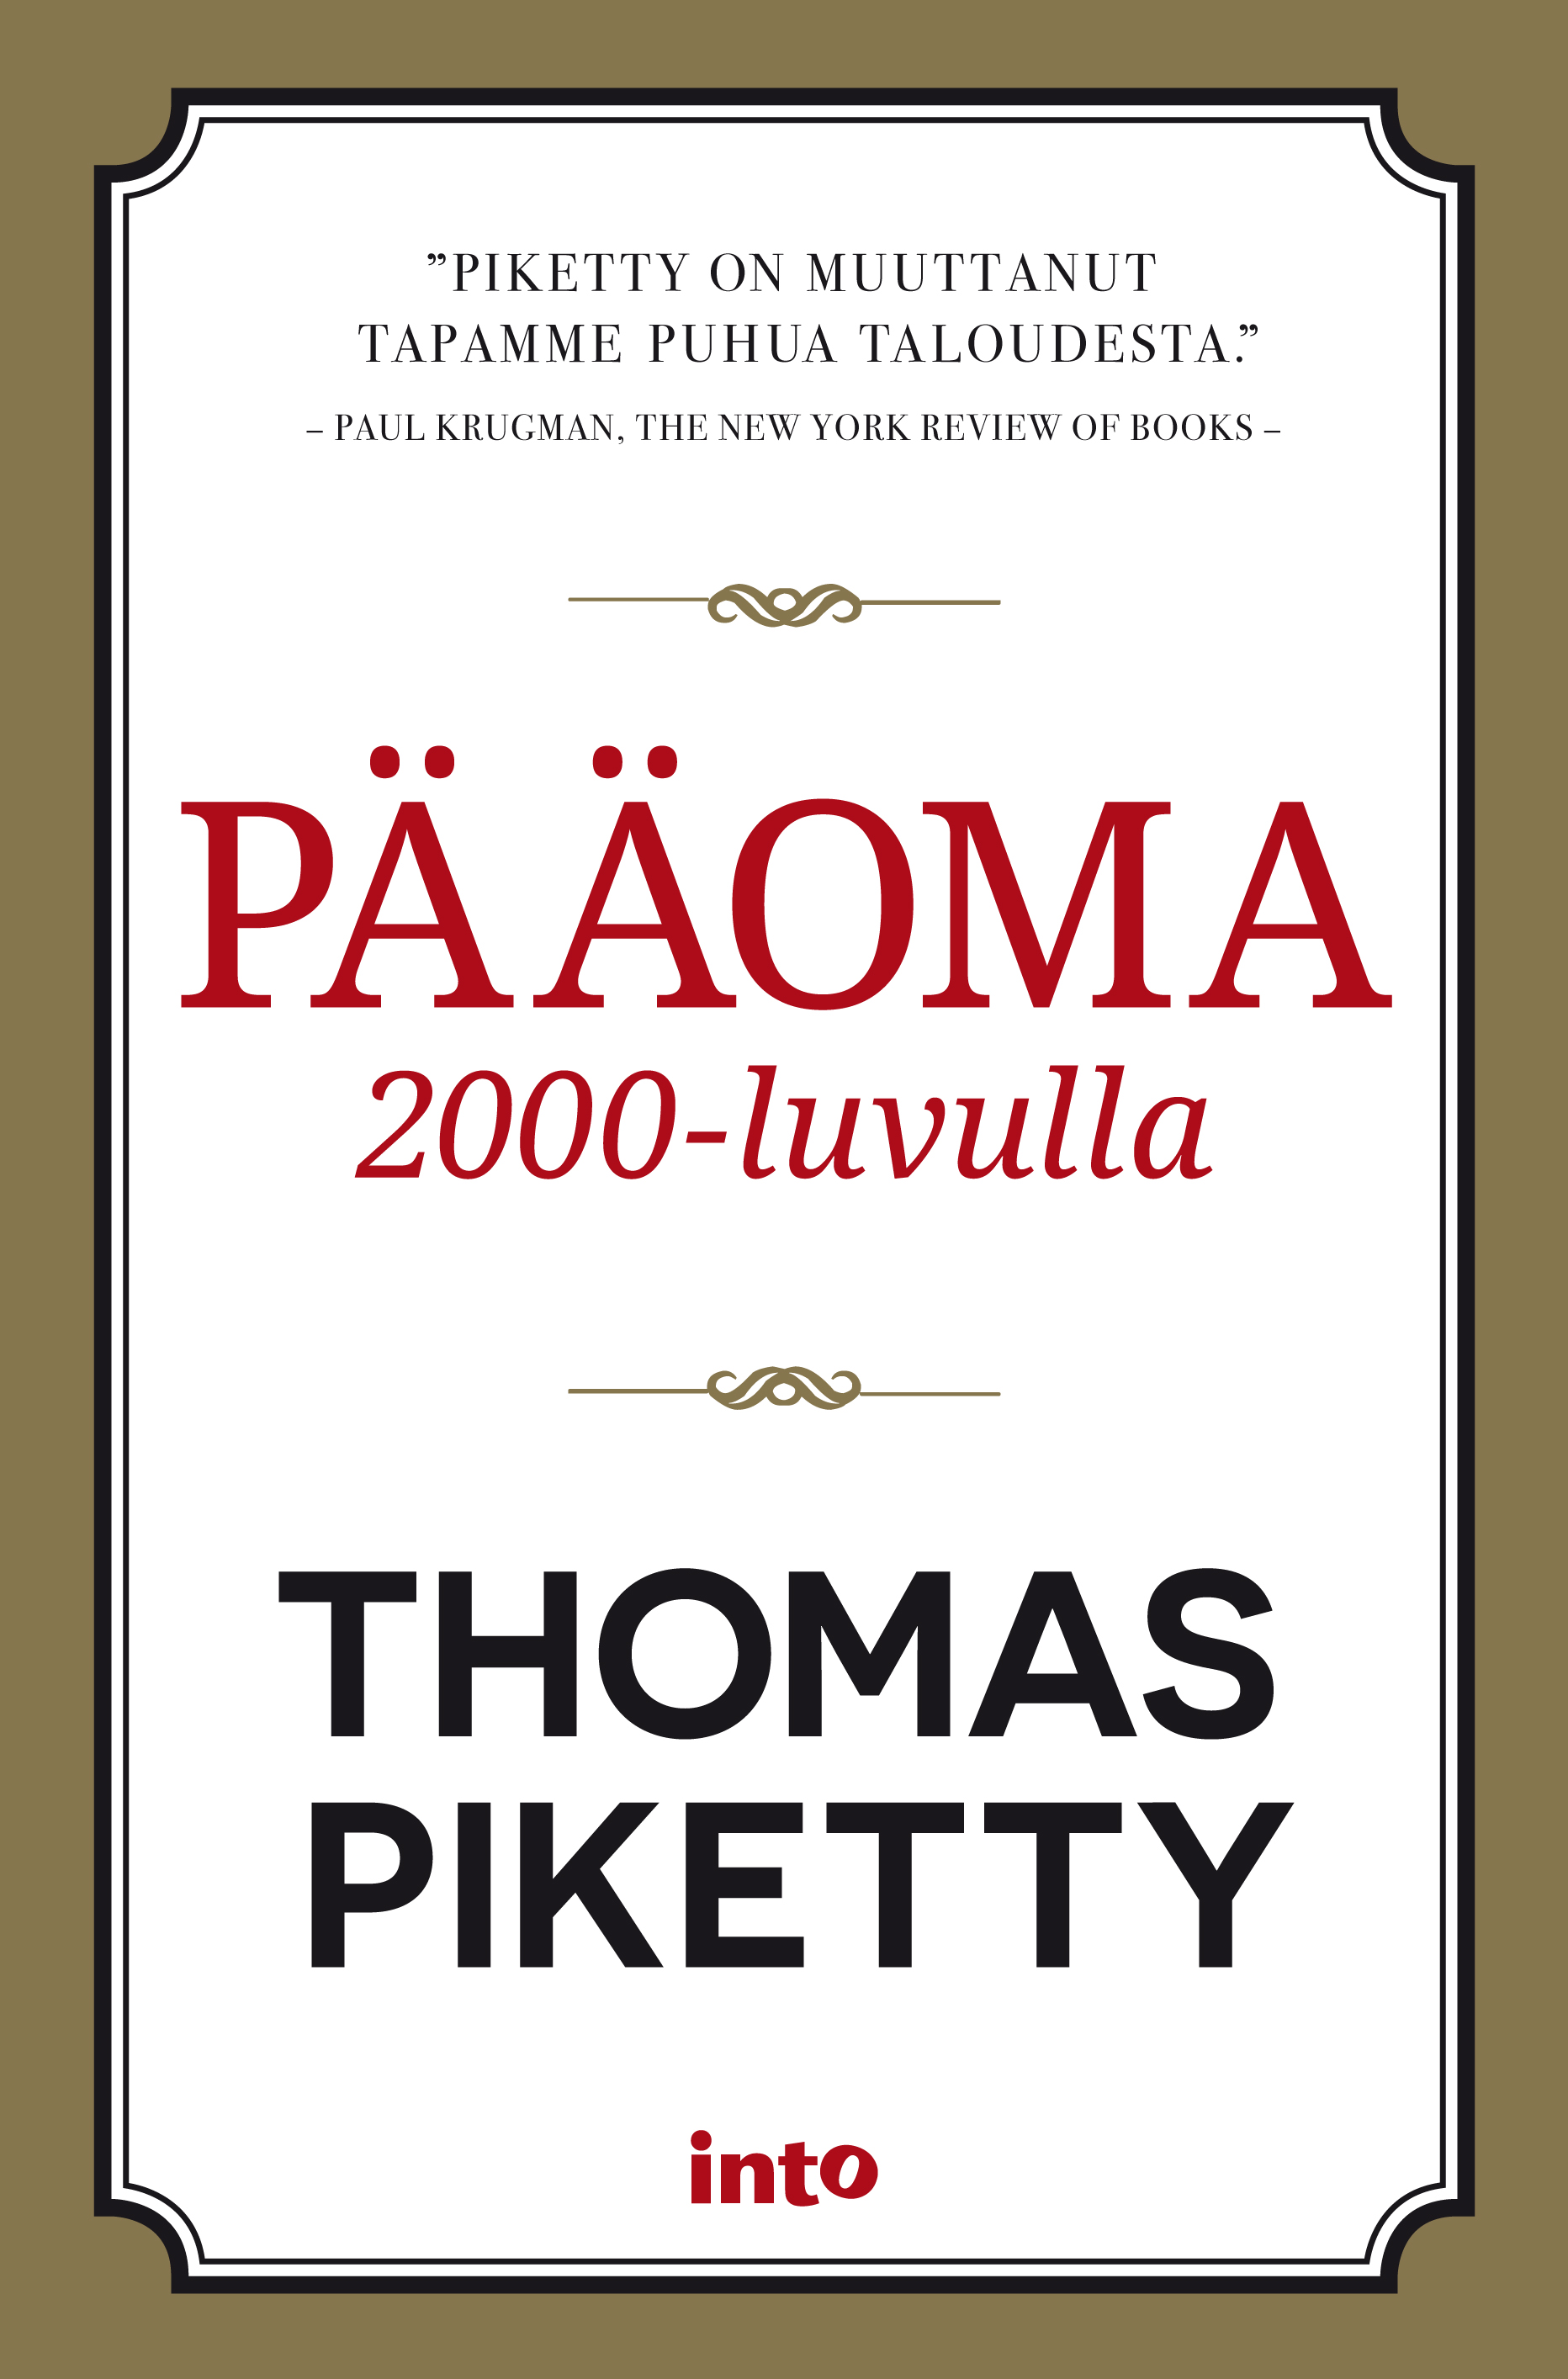 paaoma_2000_luvulla_cover